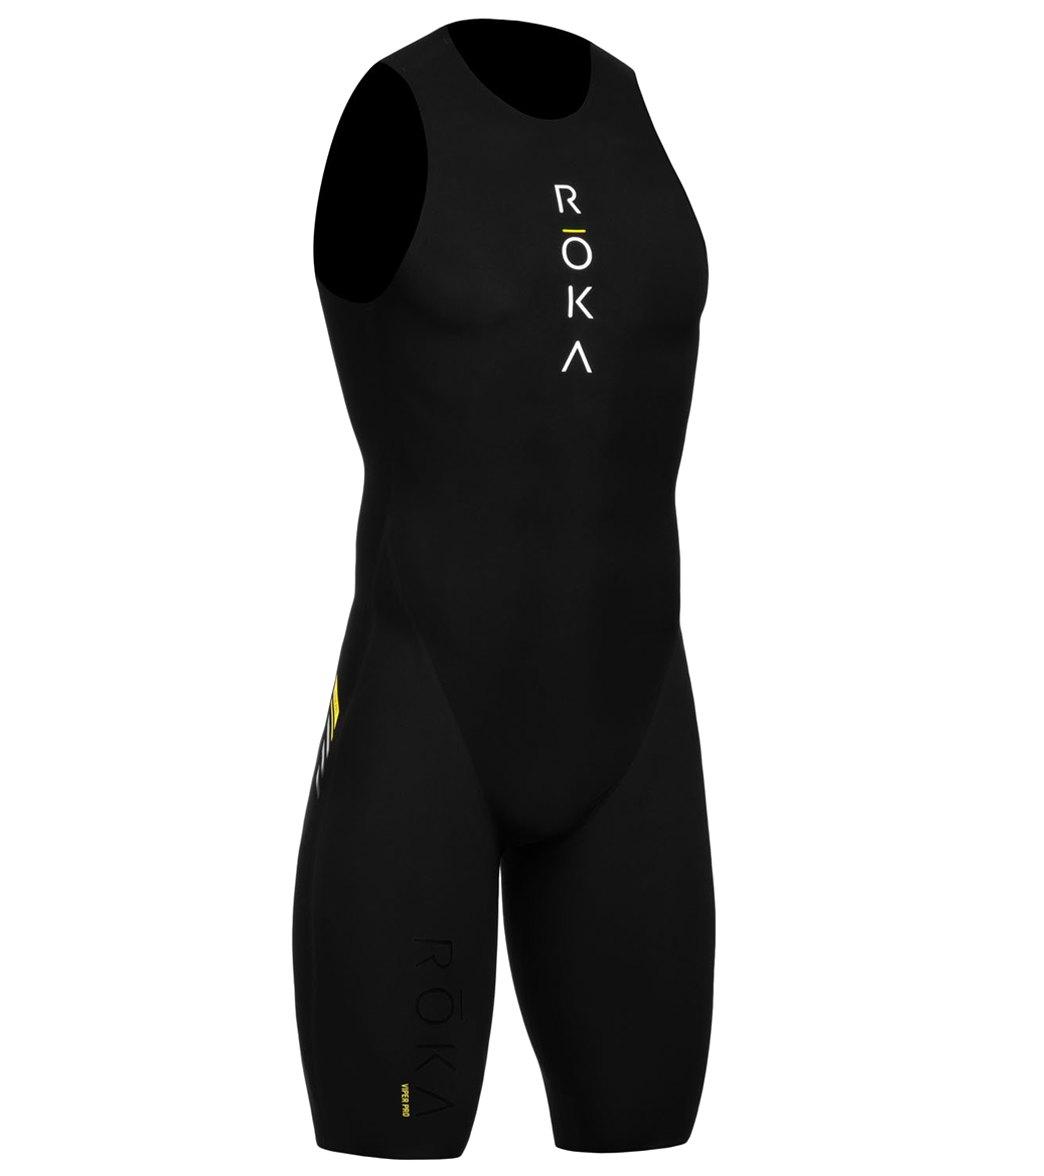 a1538605b4ad5 ROKA Men's Viper Pro Swimskin at SwimOutlet.com - Free Shipping